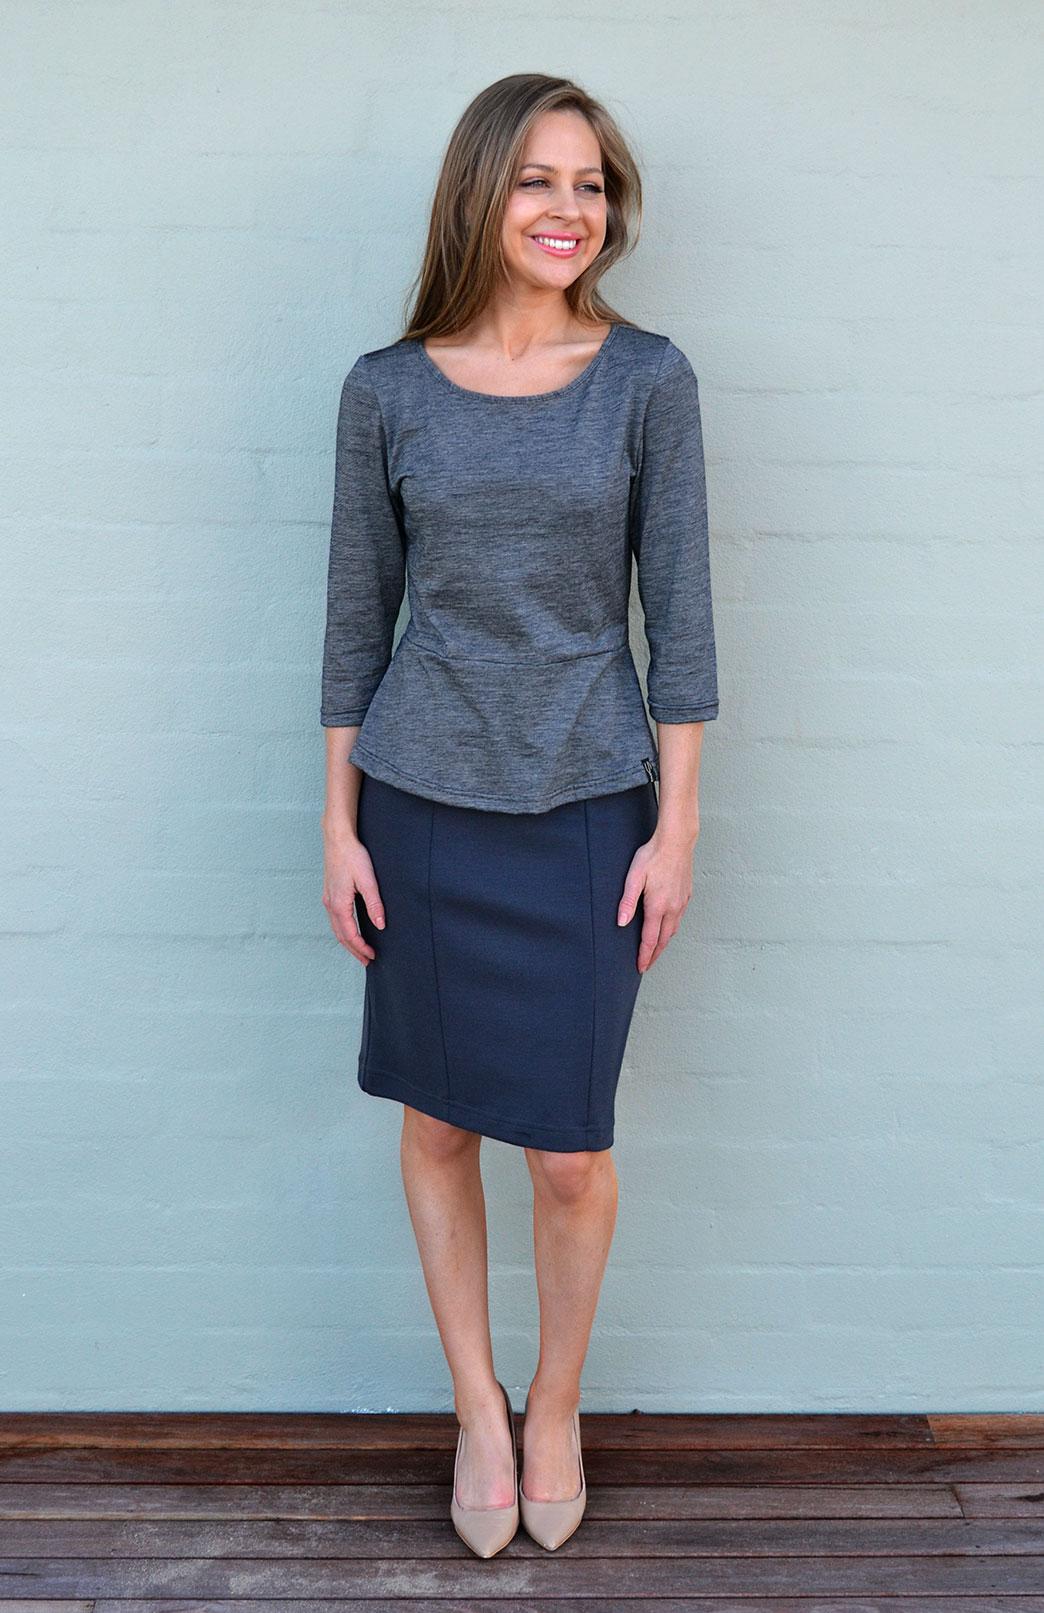 Straight Skirt - Women's Steel Grey Straight Office Skirt - Smitten Merino Tasmania Australia